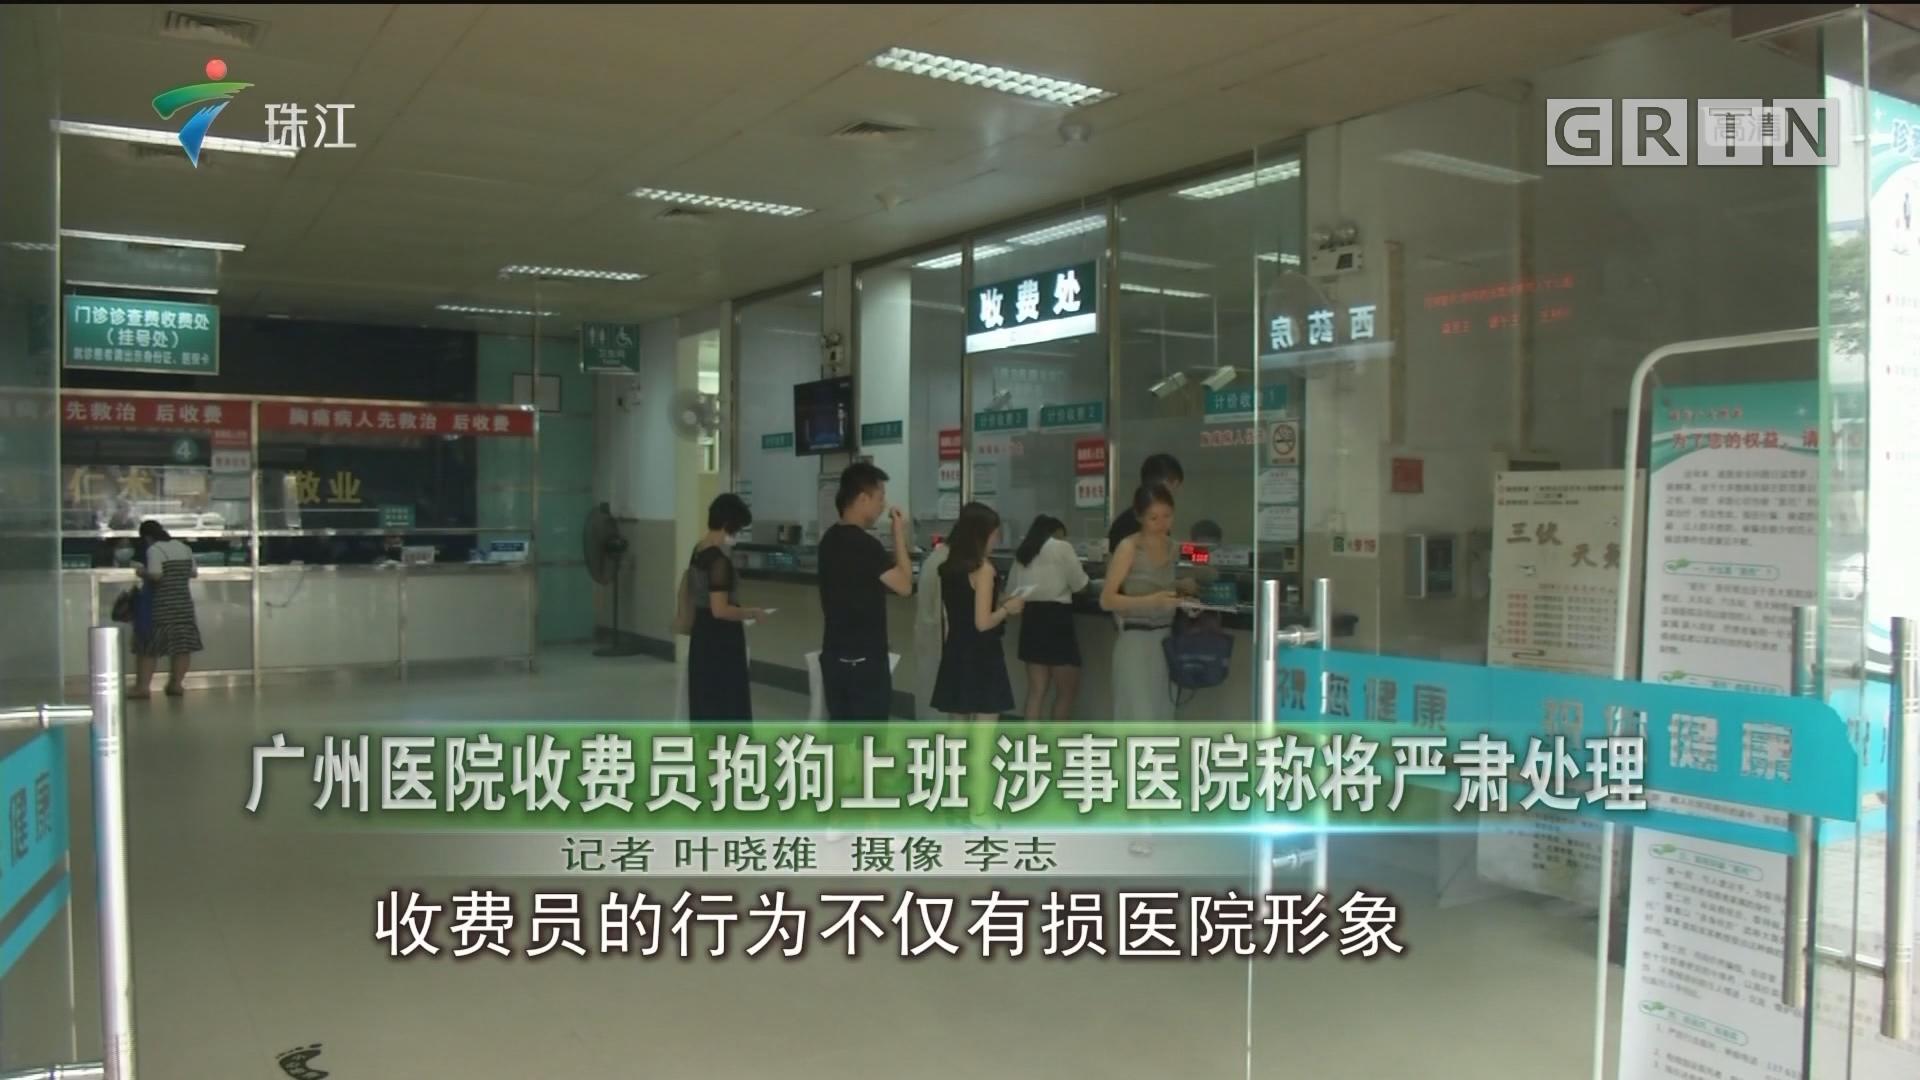 广州医院收费员抱狗上班 涉事医院称将严肃处理